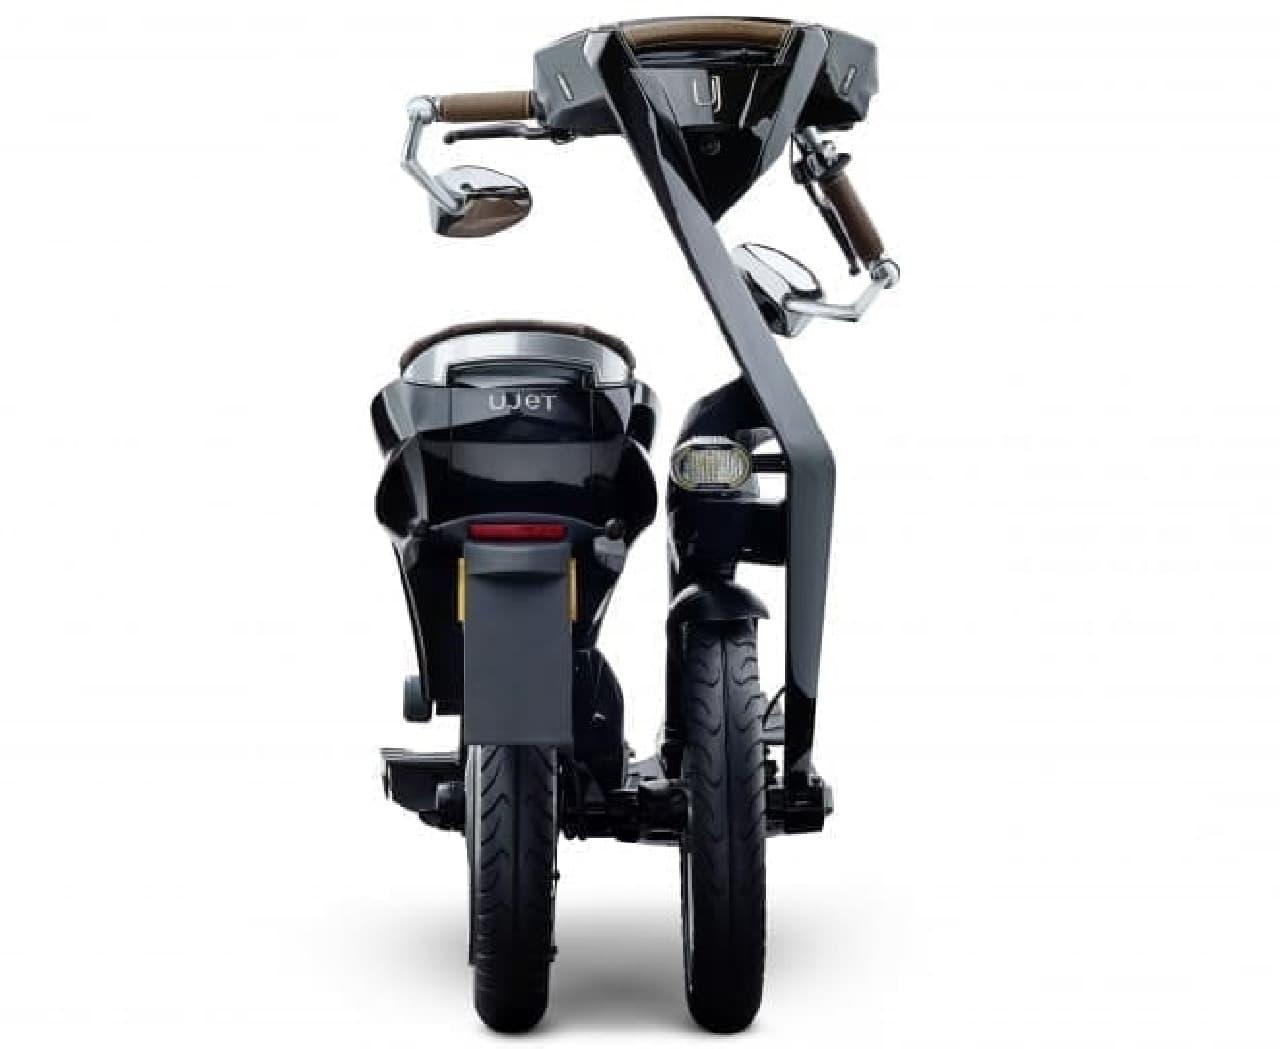 スポークやハブがない折り畳み電動バイク「Ujet」